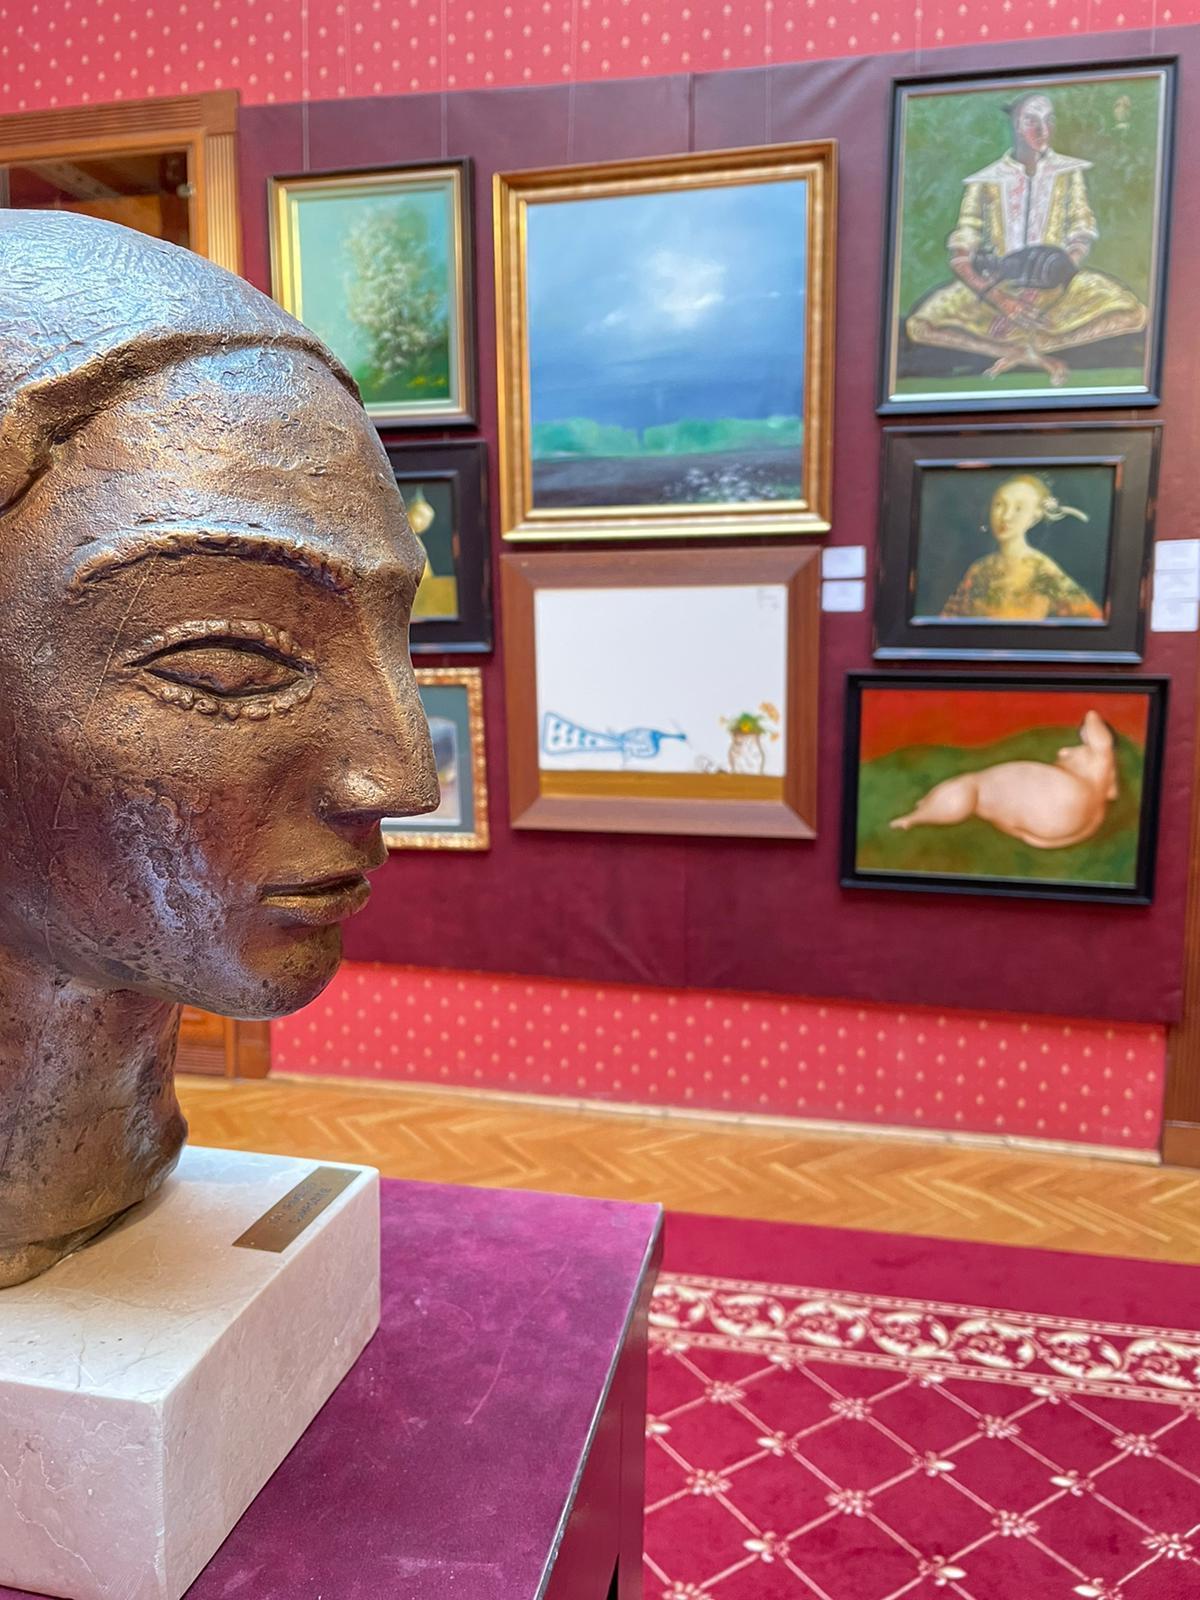 C:\Users\ancar\Desktop\Artă contemporană la Palatul Cesianu-Racoviță.jpeg